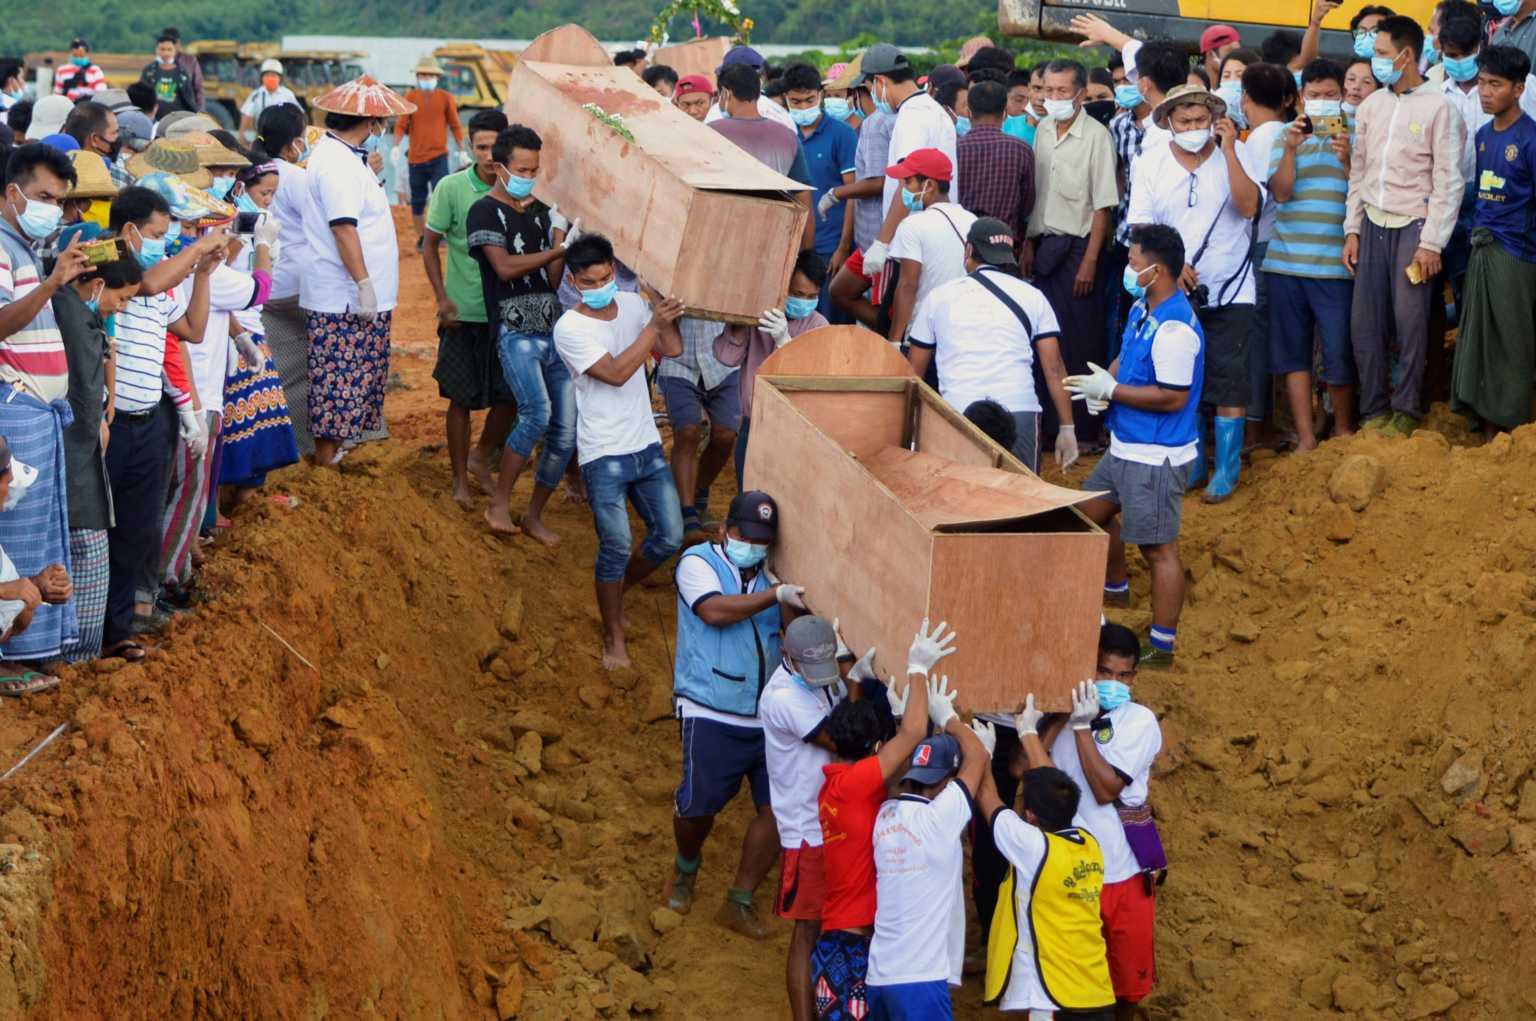 Μιανμάρ: 170 νεκροί έχουν ανασυρθεί μέχρι στιγμής από το ορυχείο που κατέρρευσε